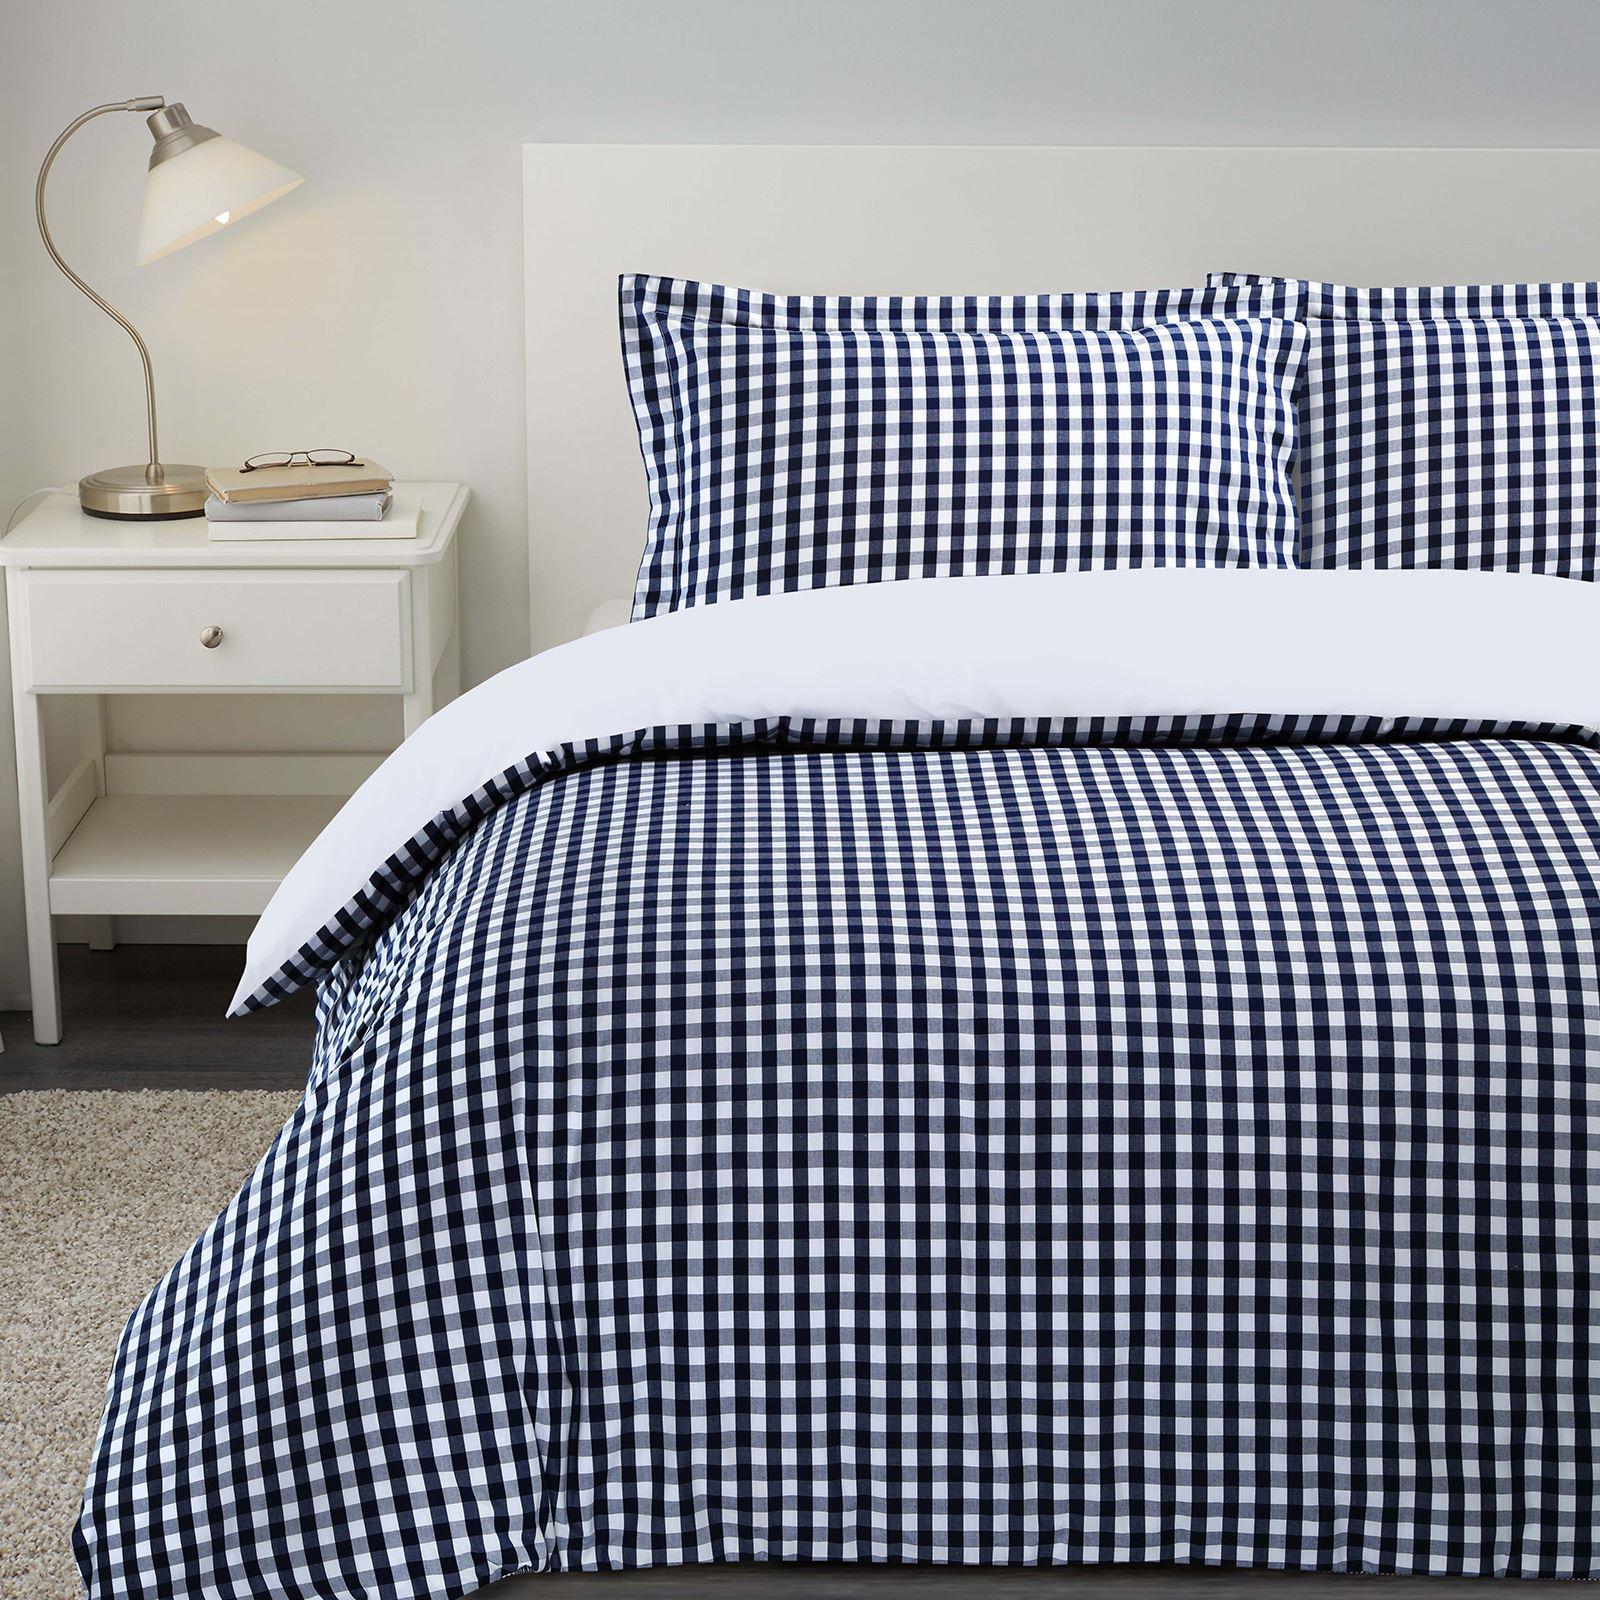 De-Lujo-Gingham-Check-Reversible-100-algodon-T200-conjunto-de-edredon-cubierta-y-fundas-de-almohada miniatura 7